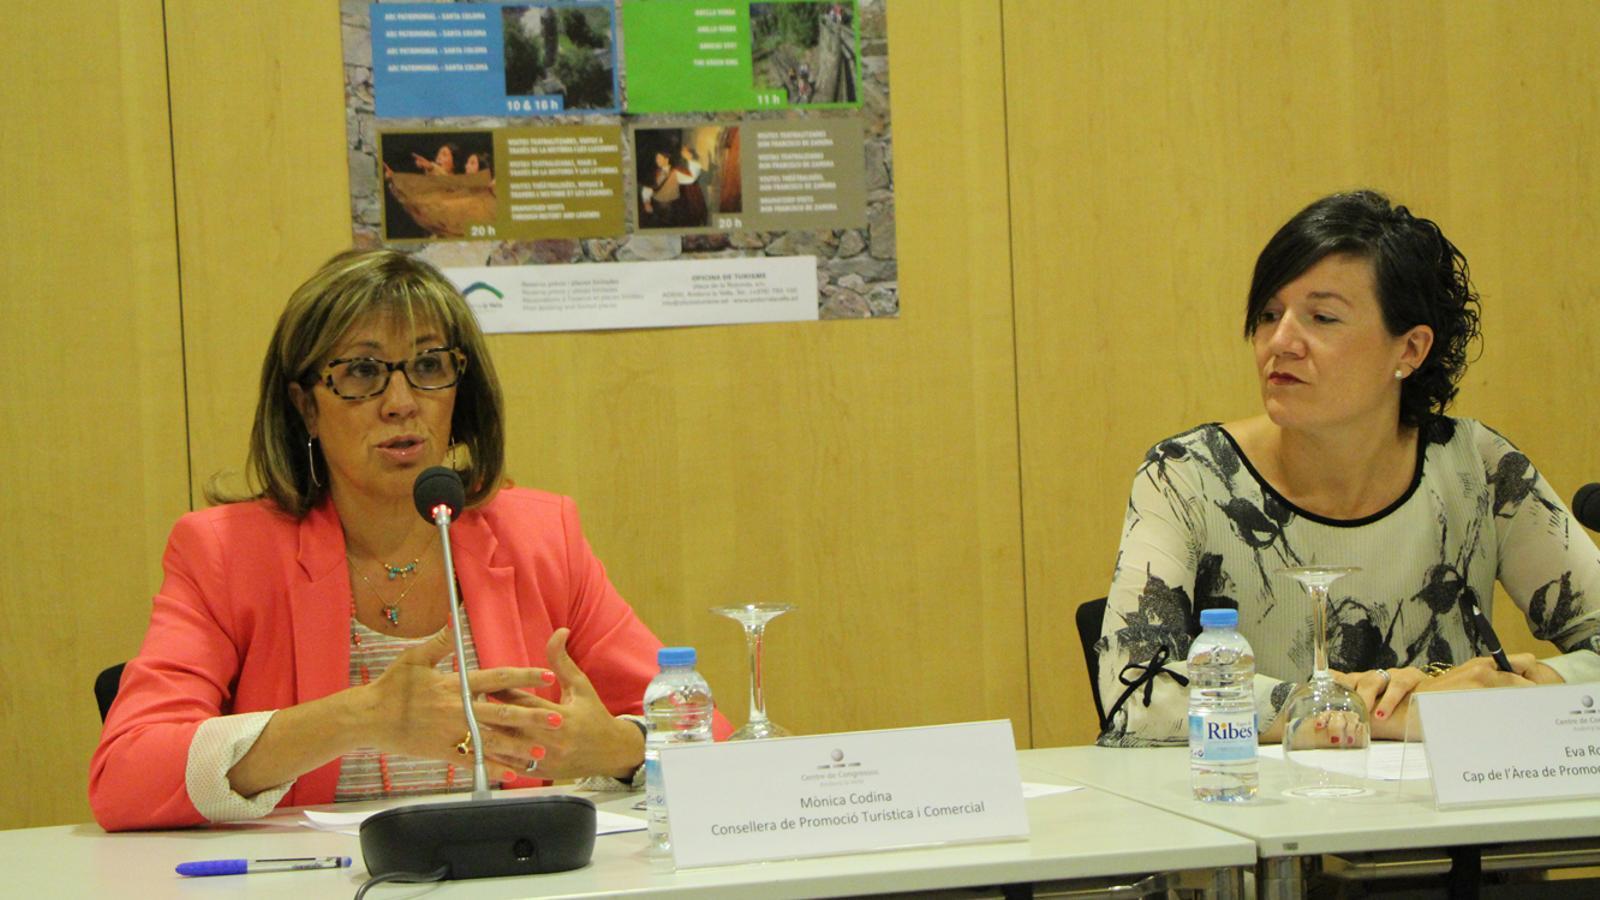 La consellera de Promoció Turística i Comercial, Mònica Codina, i la cap d'àrea de Promoció Turística i Comercial, Eva Roma, durant la presentació dels itineraris guiats